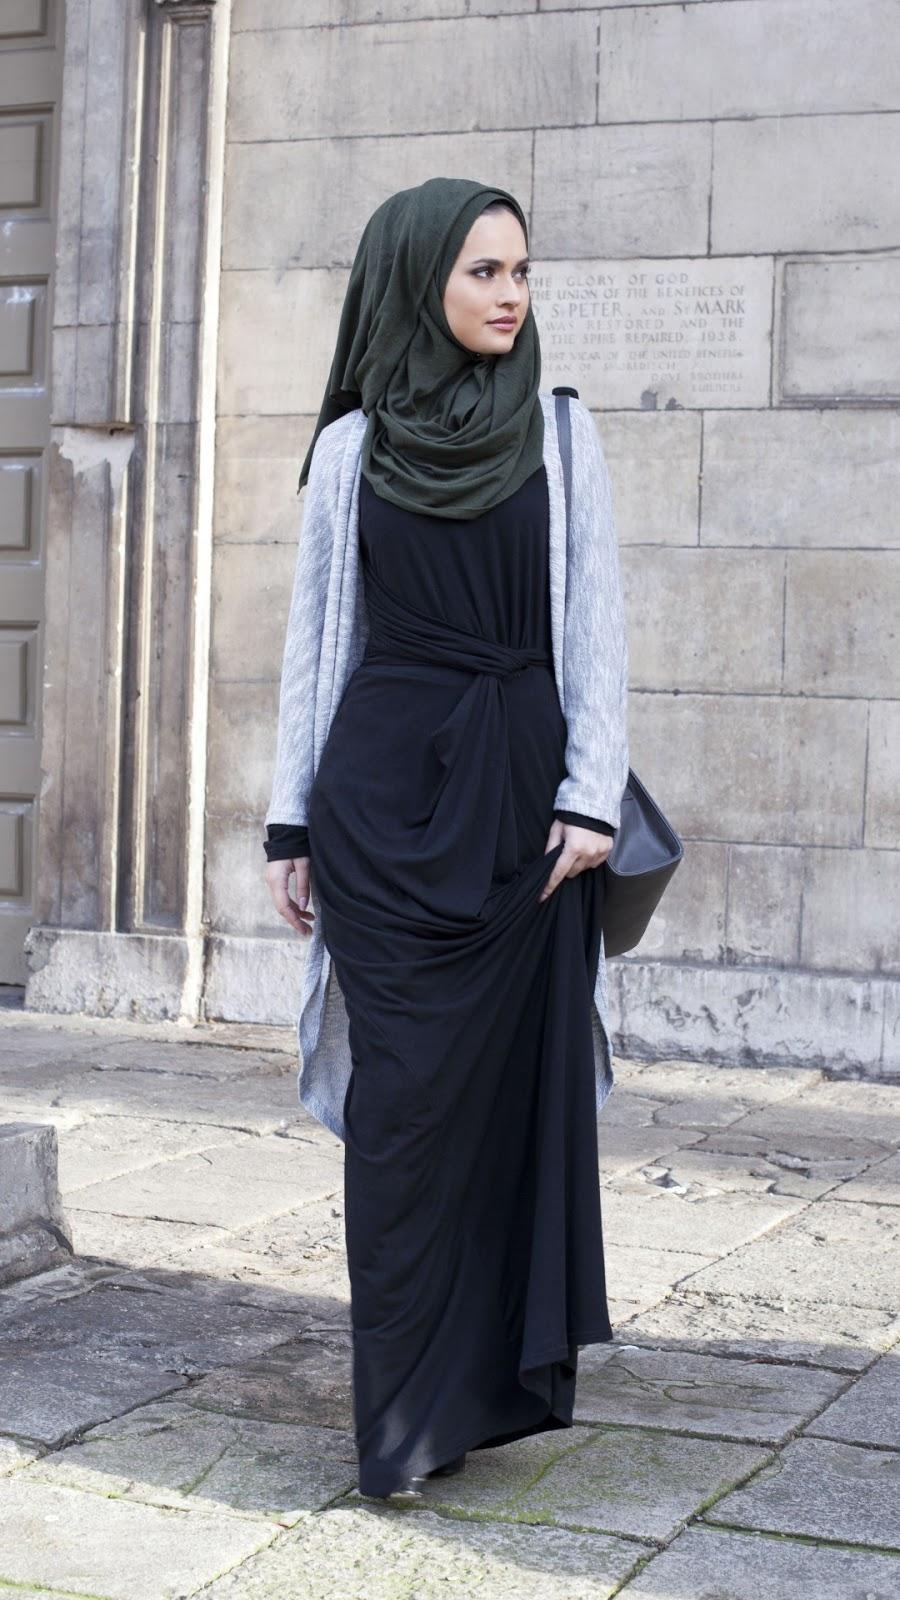 Hiudng mancung dan seksi mansi wallpaper muslimah cantik hijab